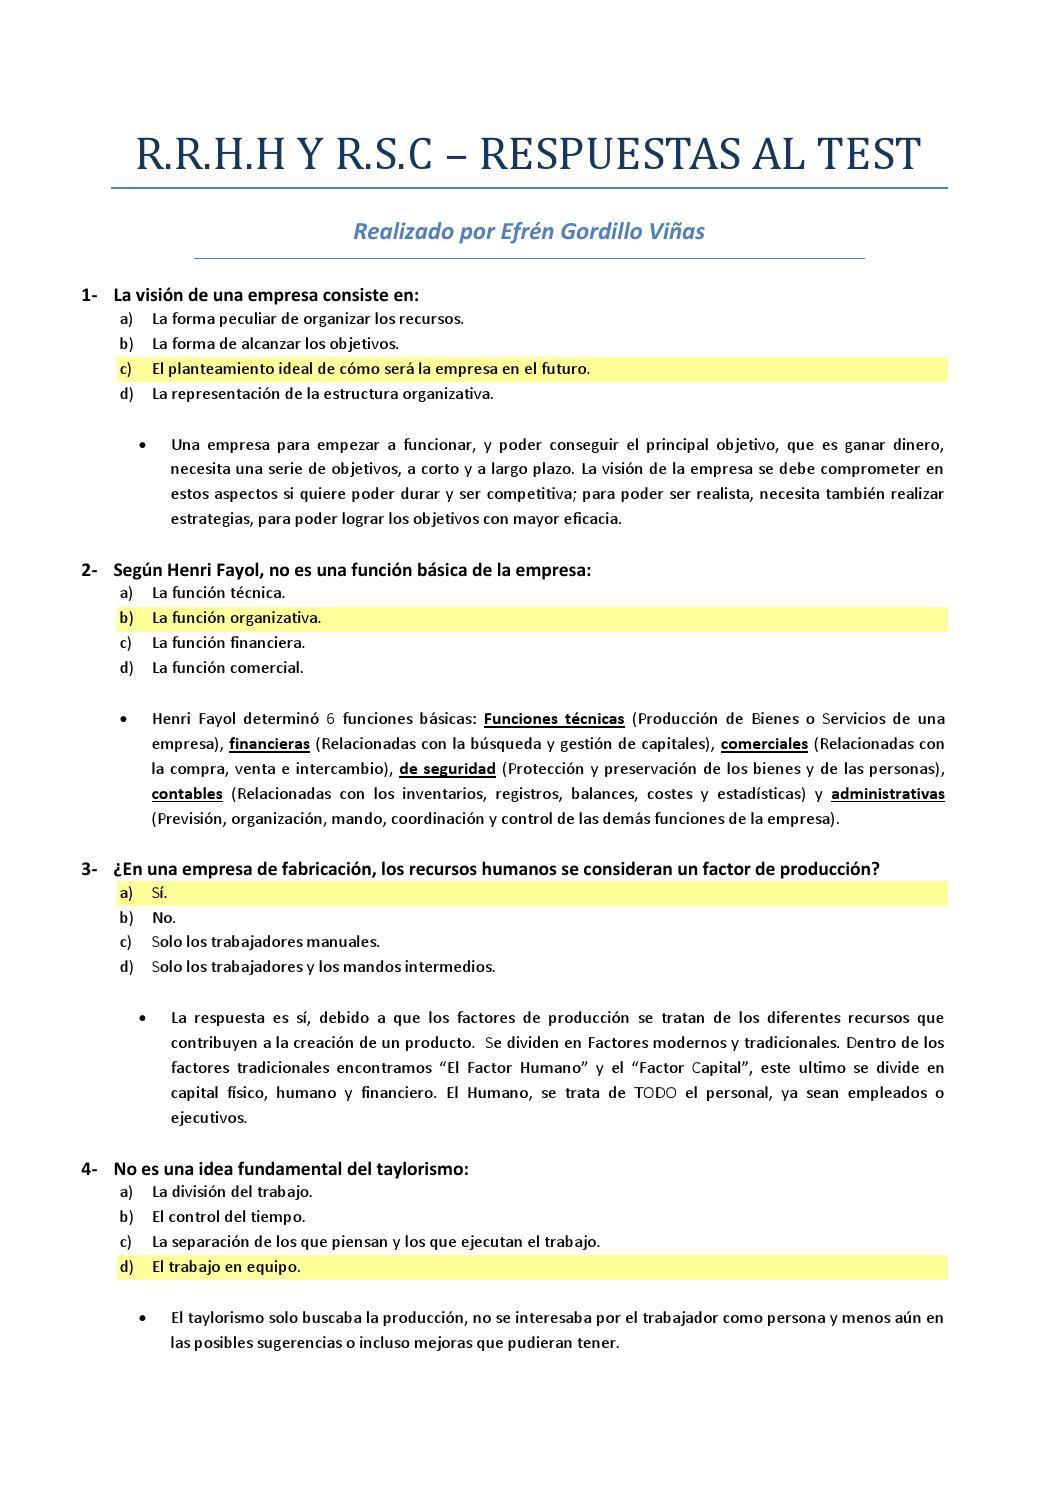 Respuestas Al Test Efrén Gordillo Viñas By Efren Gv Issuu